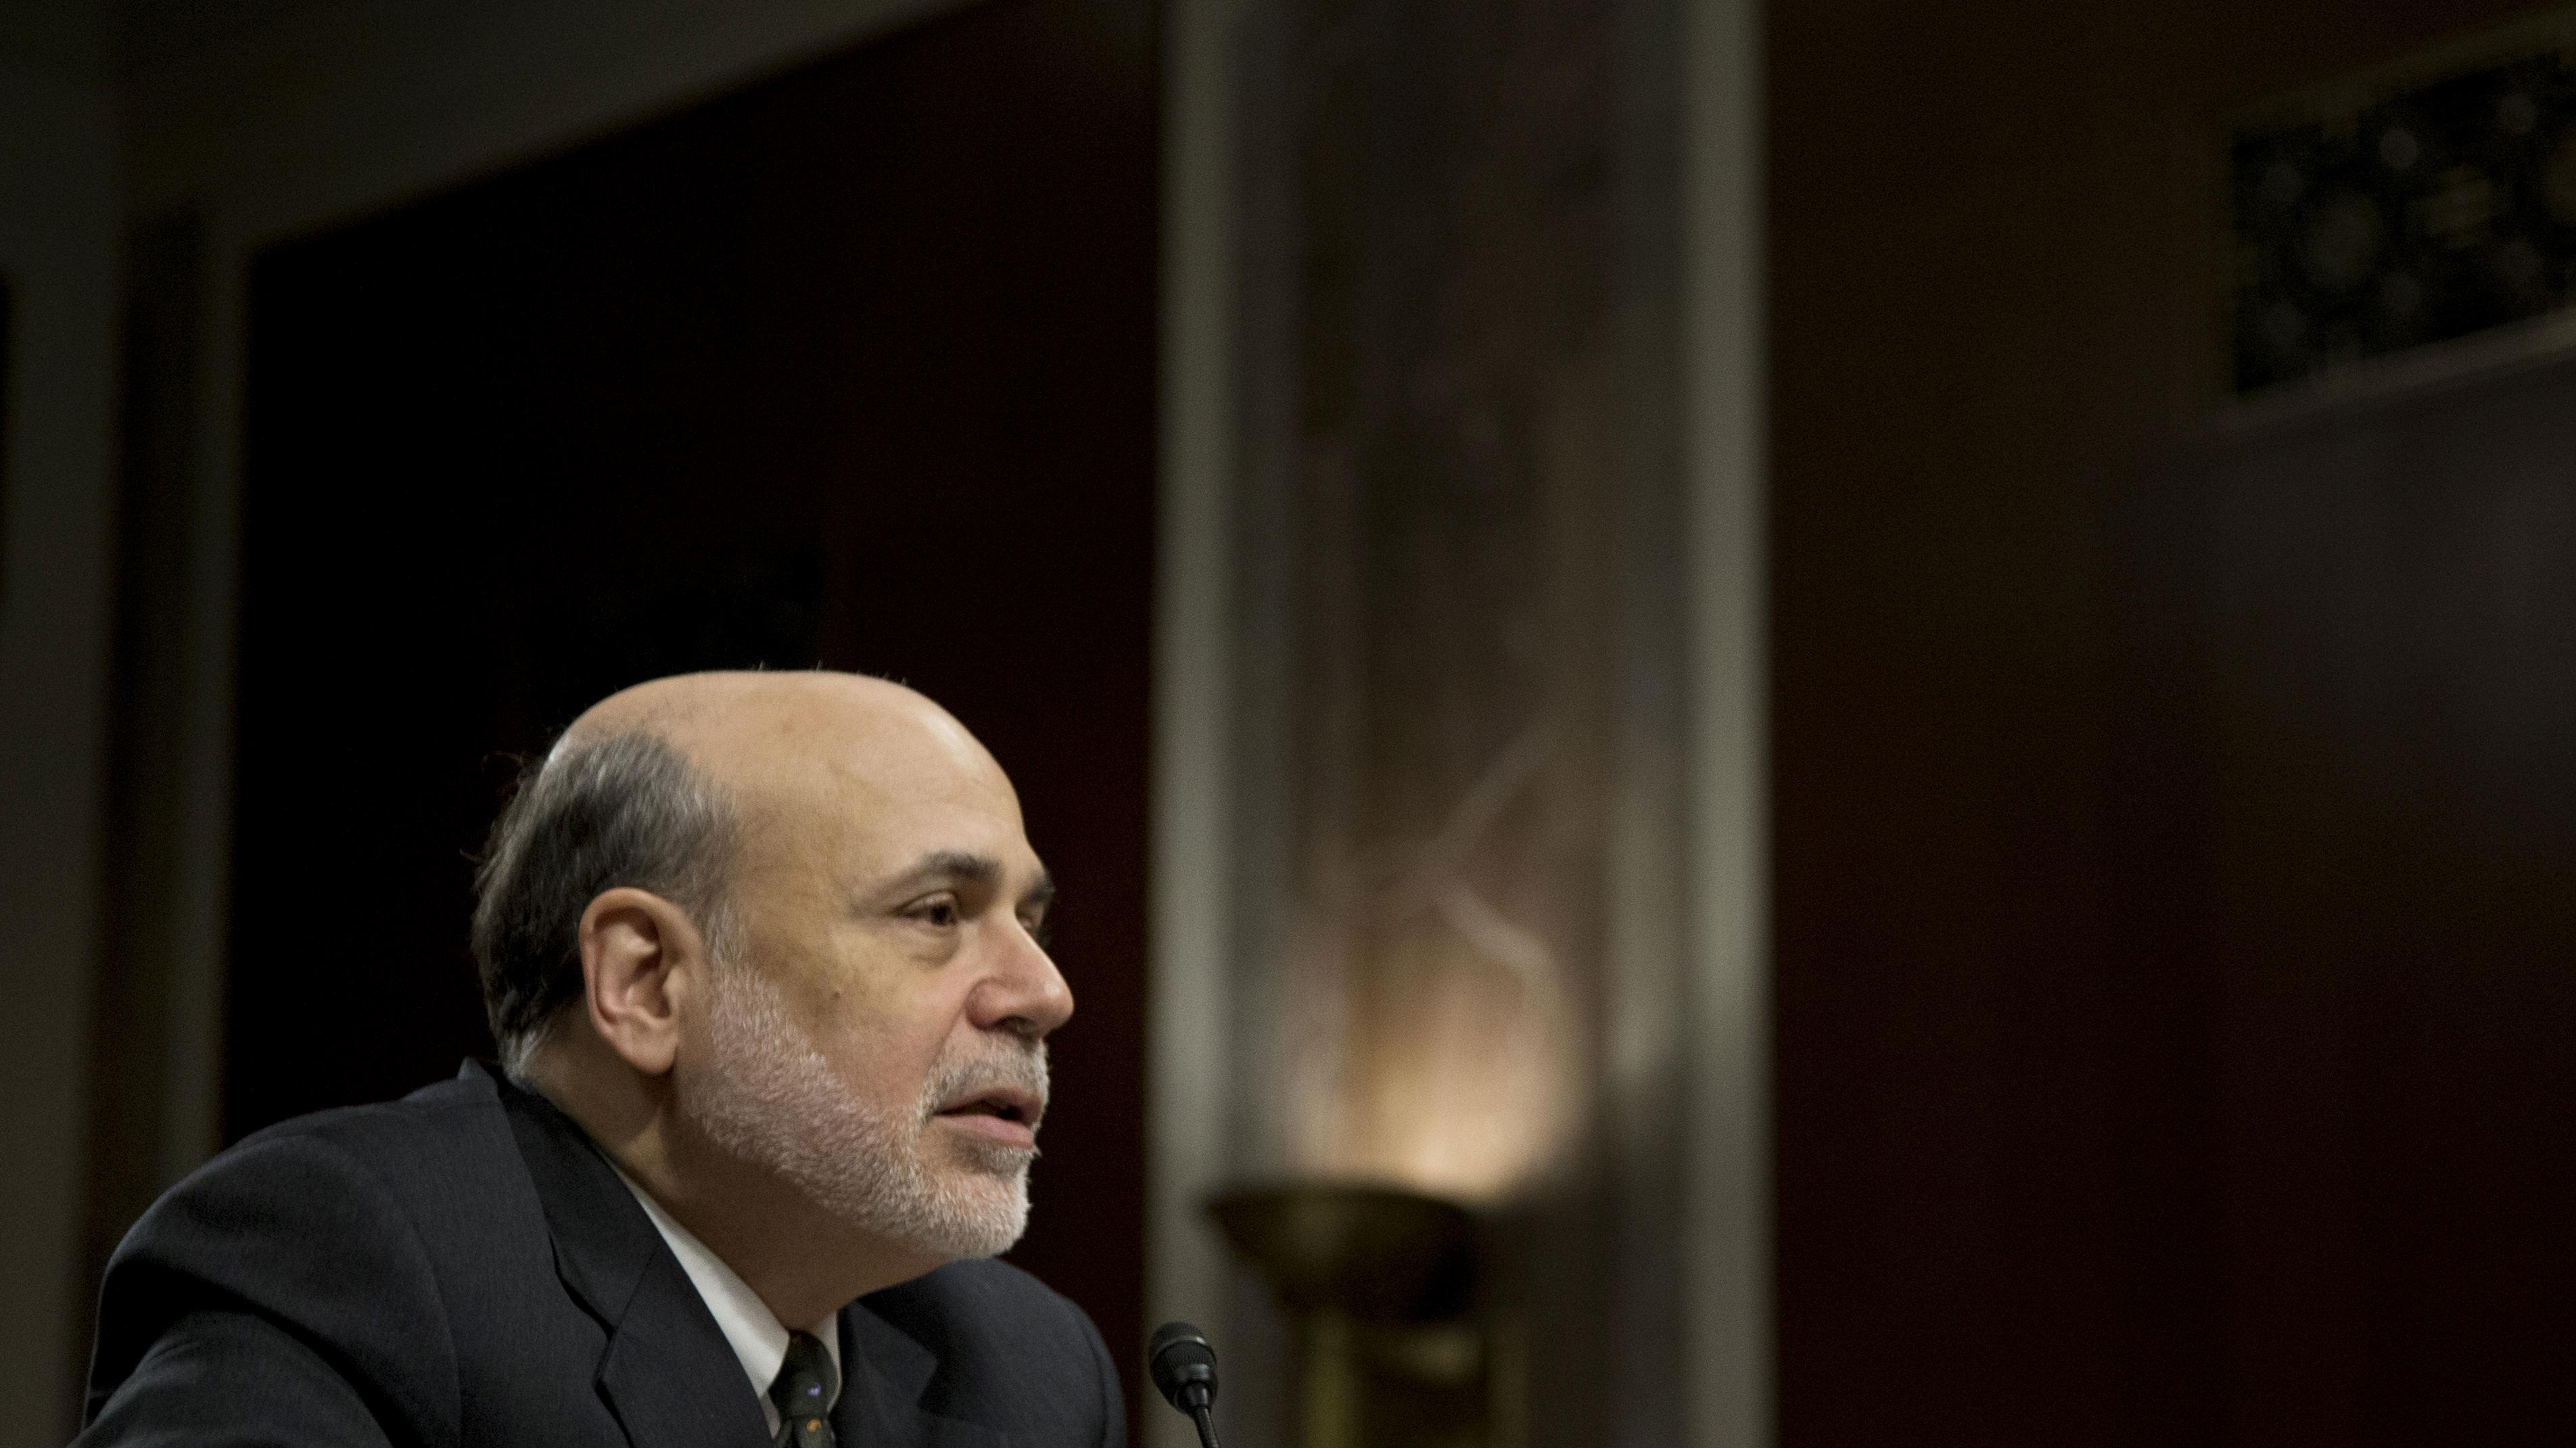 Ben Bernanke, Federal Reserve